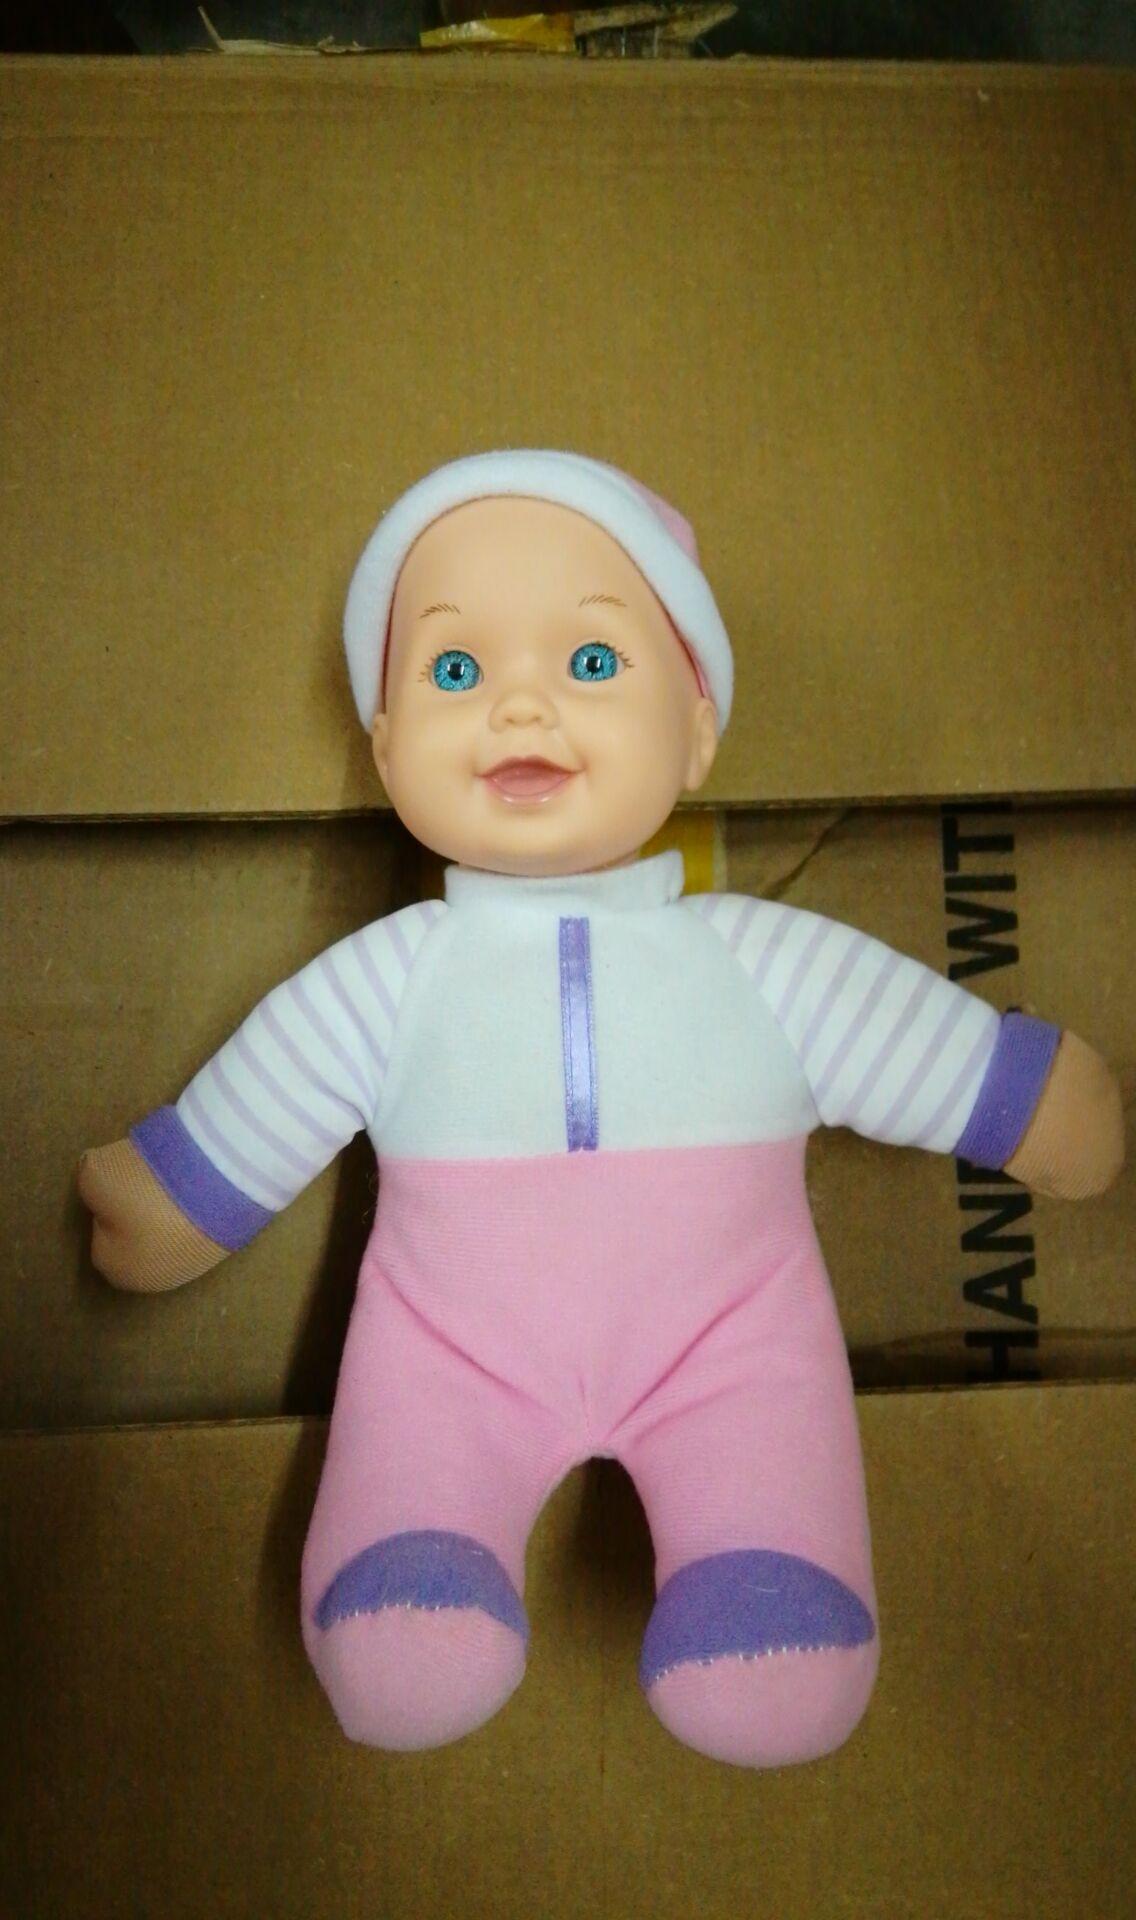 Продажи! Кукла для новорожденных, мягкие плюшевые куклы для детей, детские игрушки для девочек, удобная кукла для сна, заводская цена!(Китай)